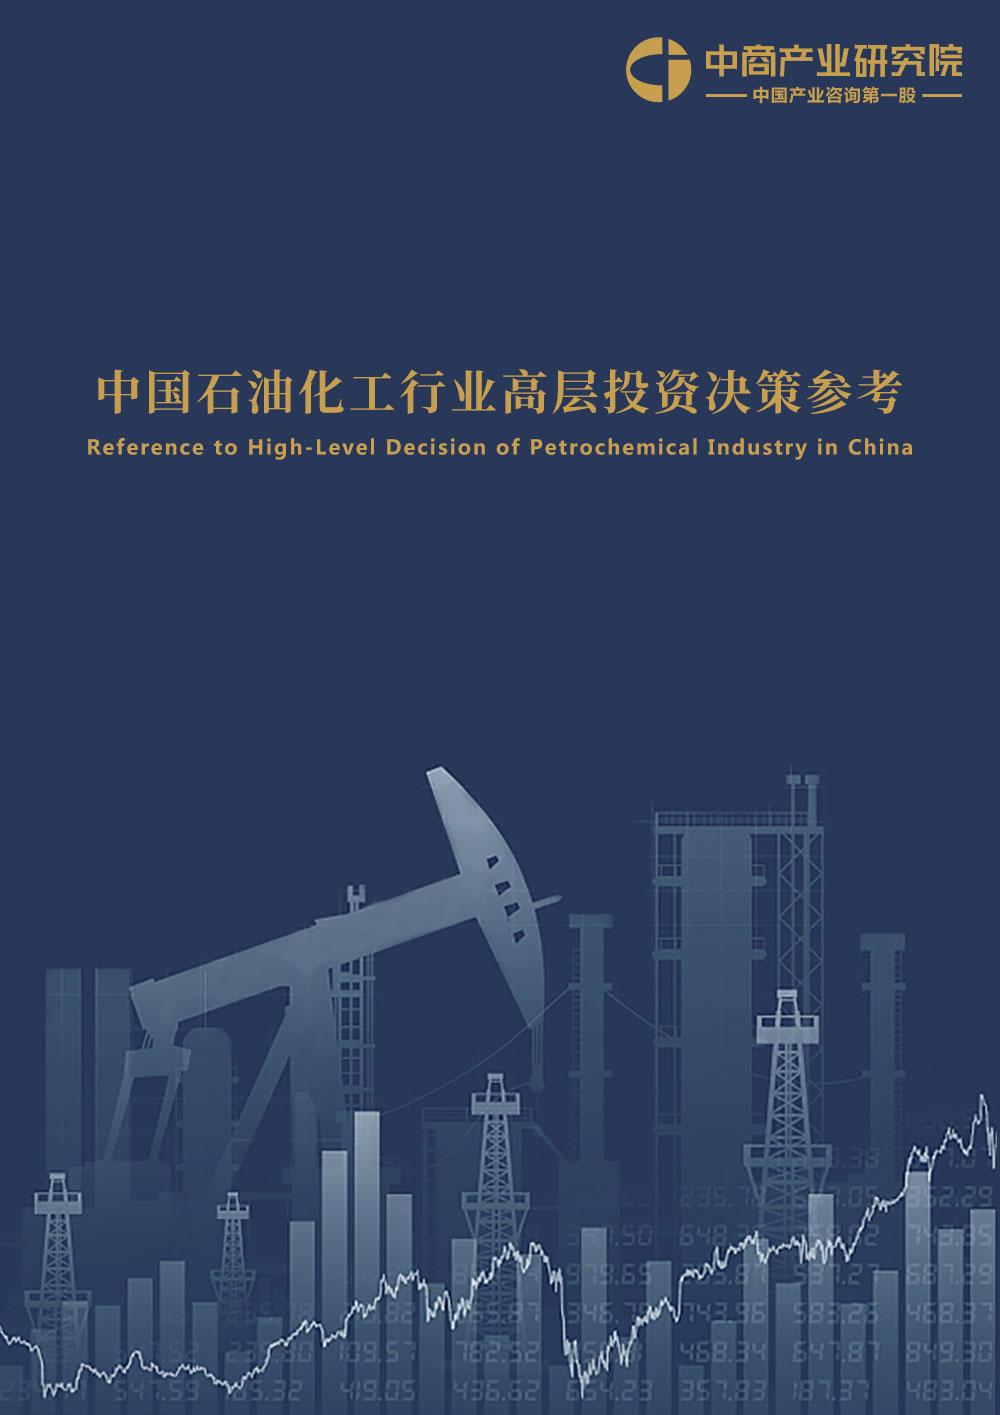 中国石油化工行业投资决策参考(2018年2月)